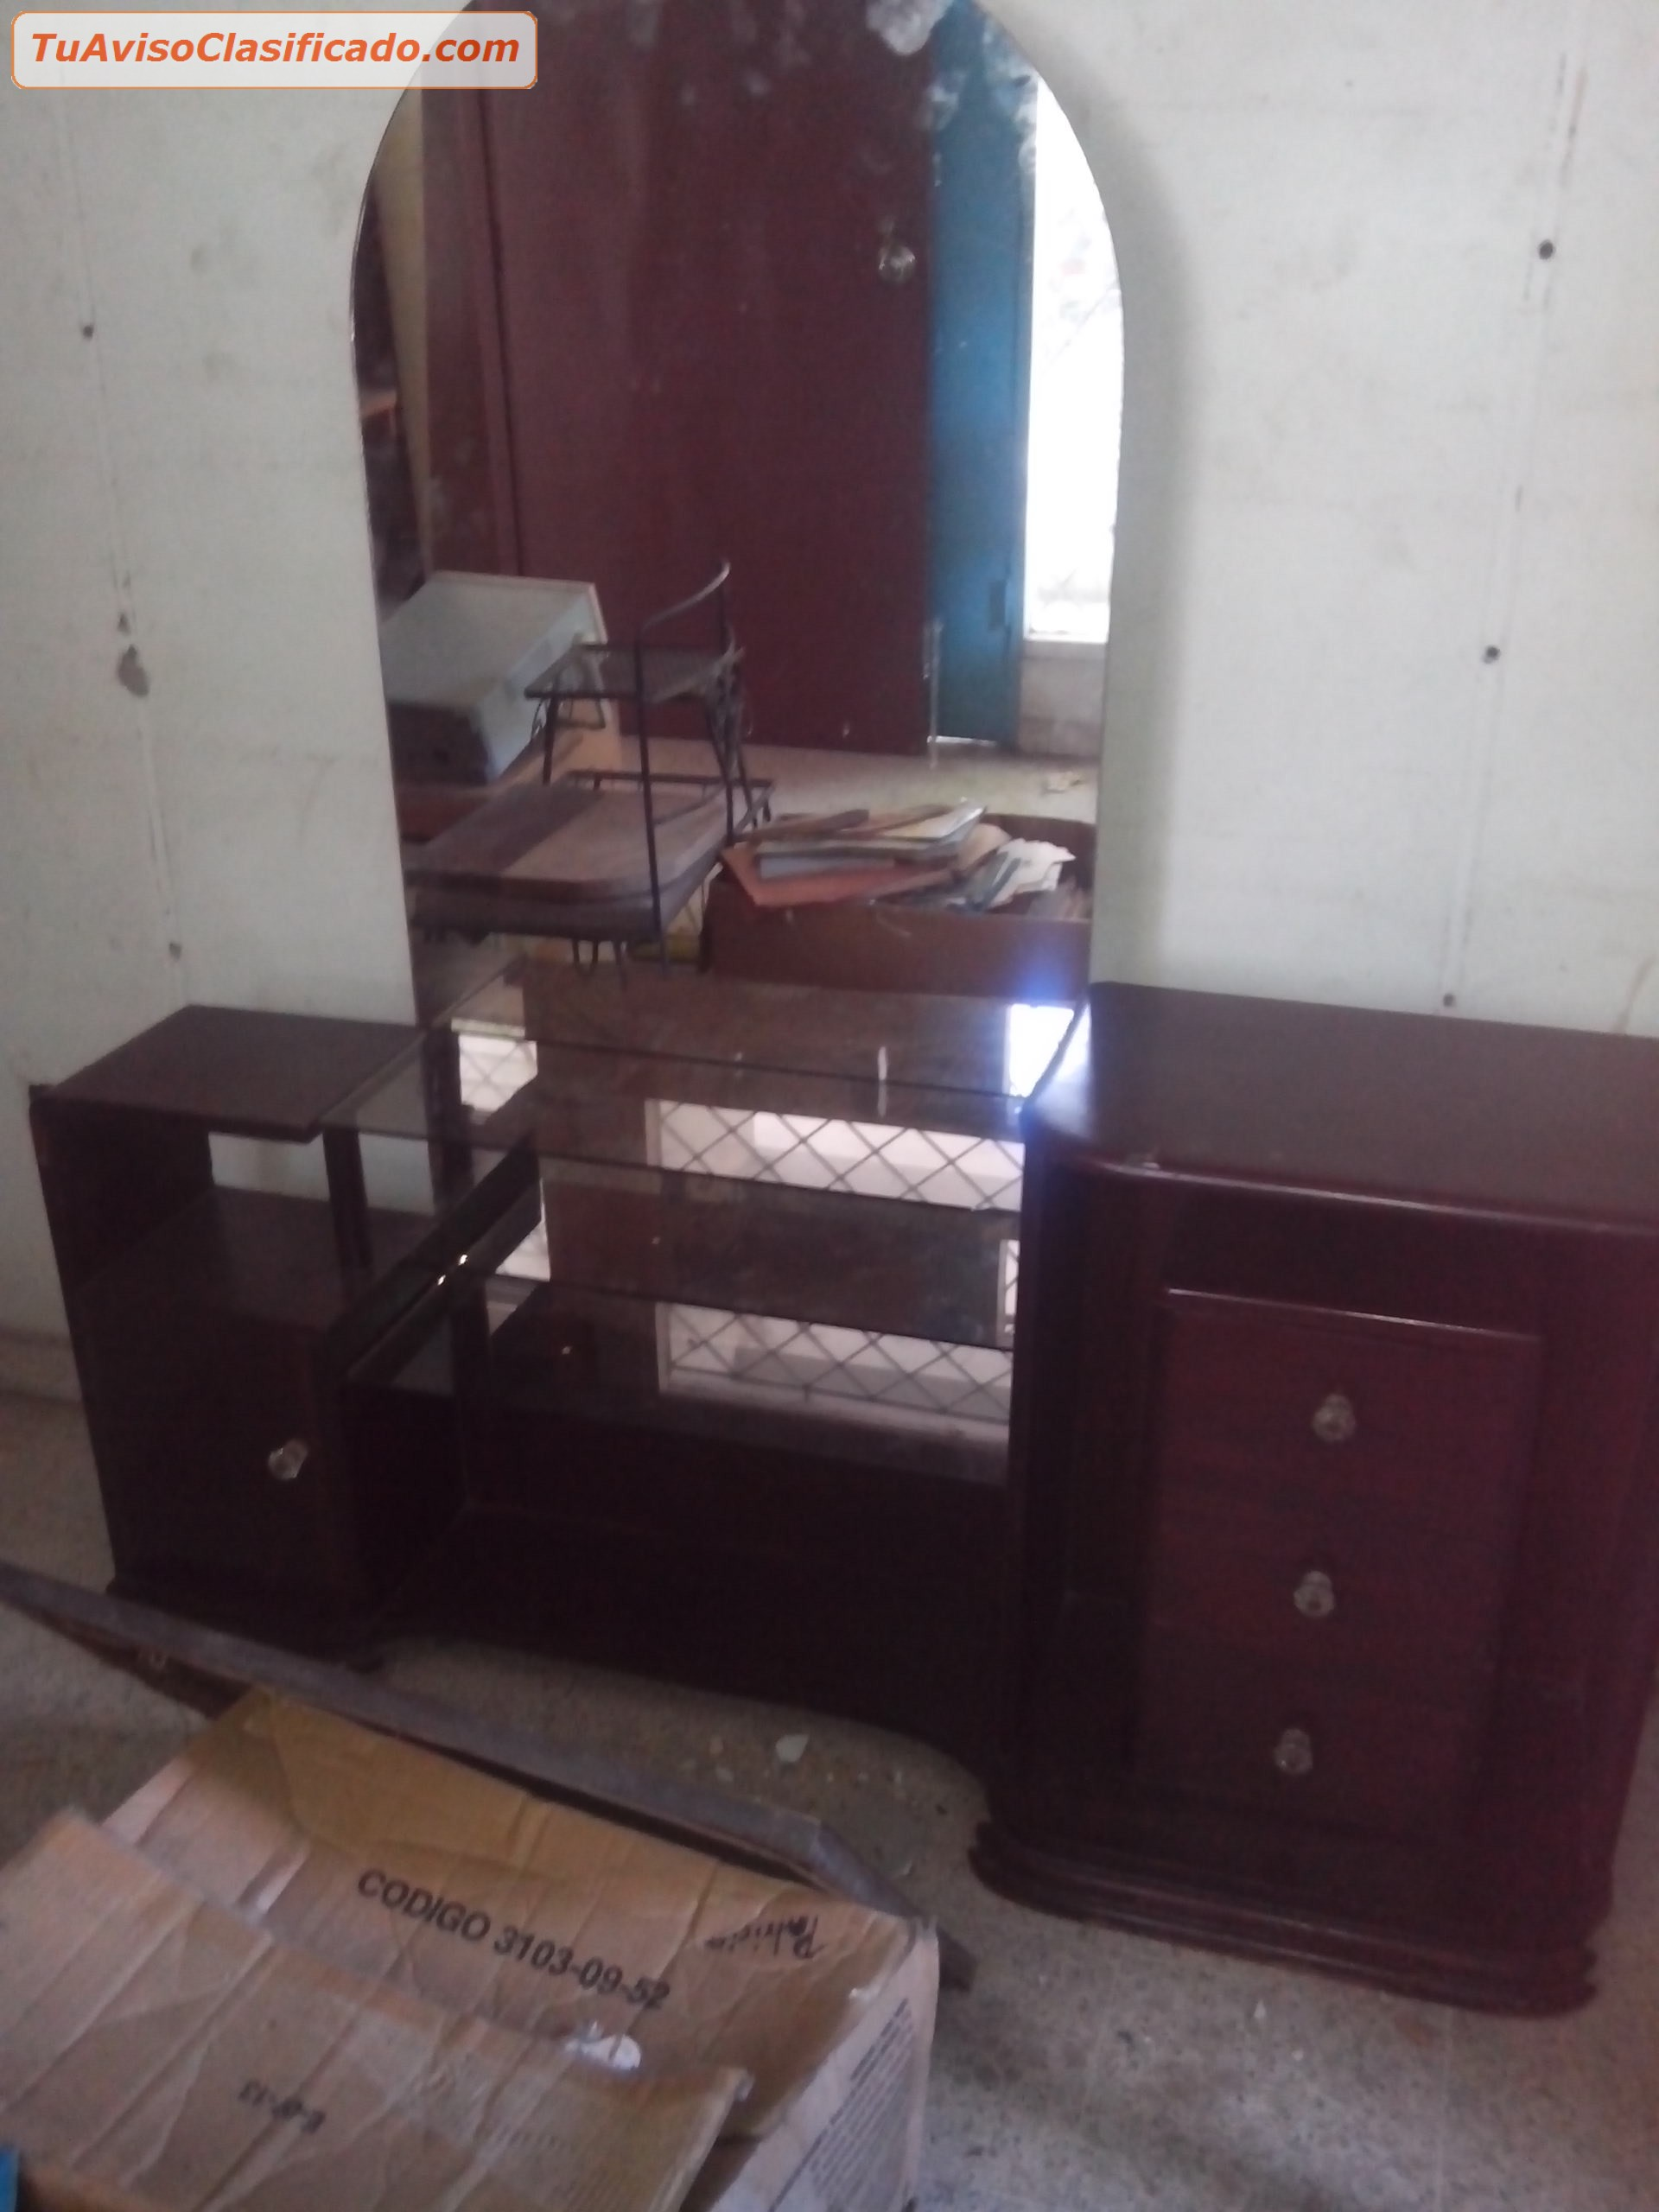 Hogar Y Muebles En Tuavisoclasificado Com # Muebles Coquetas